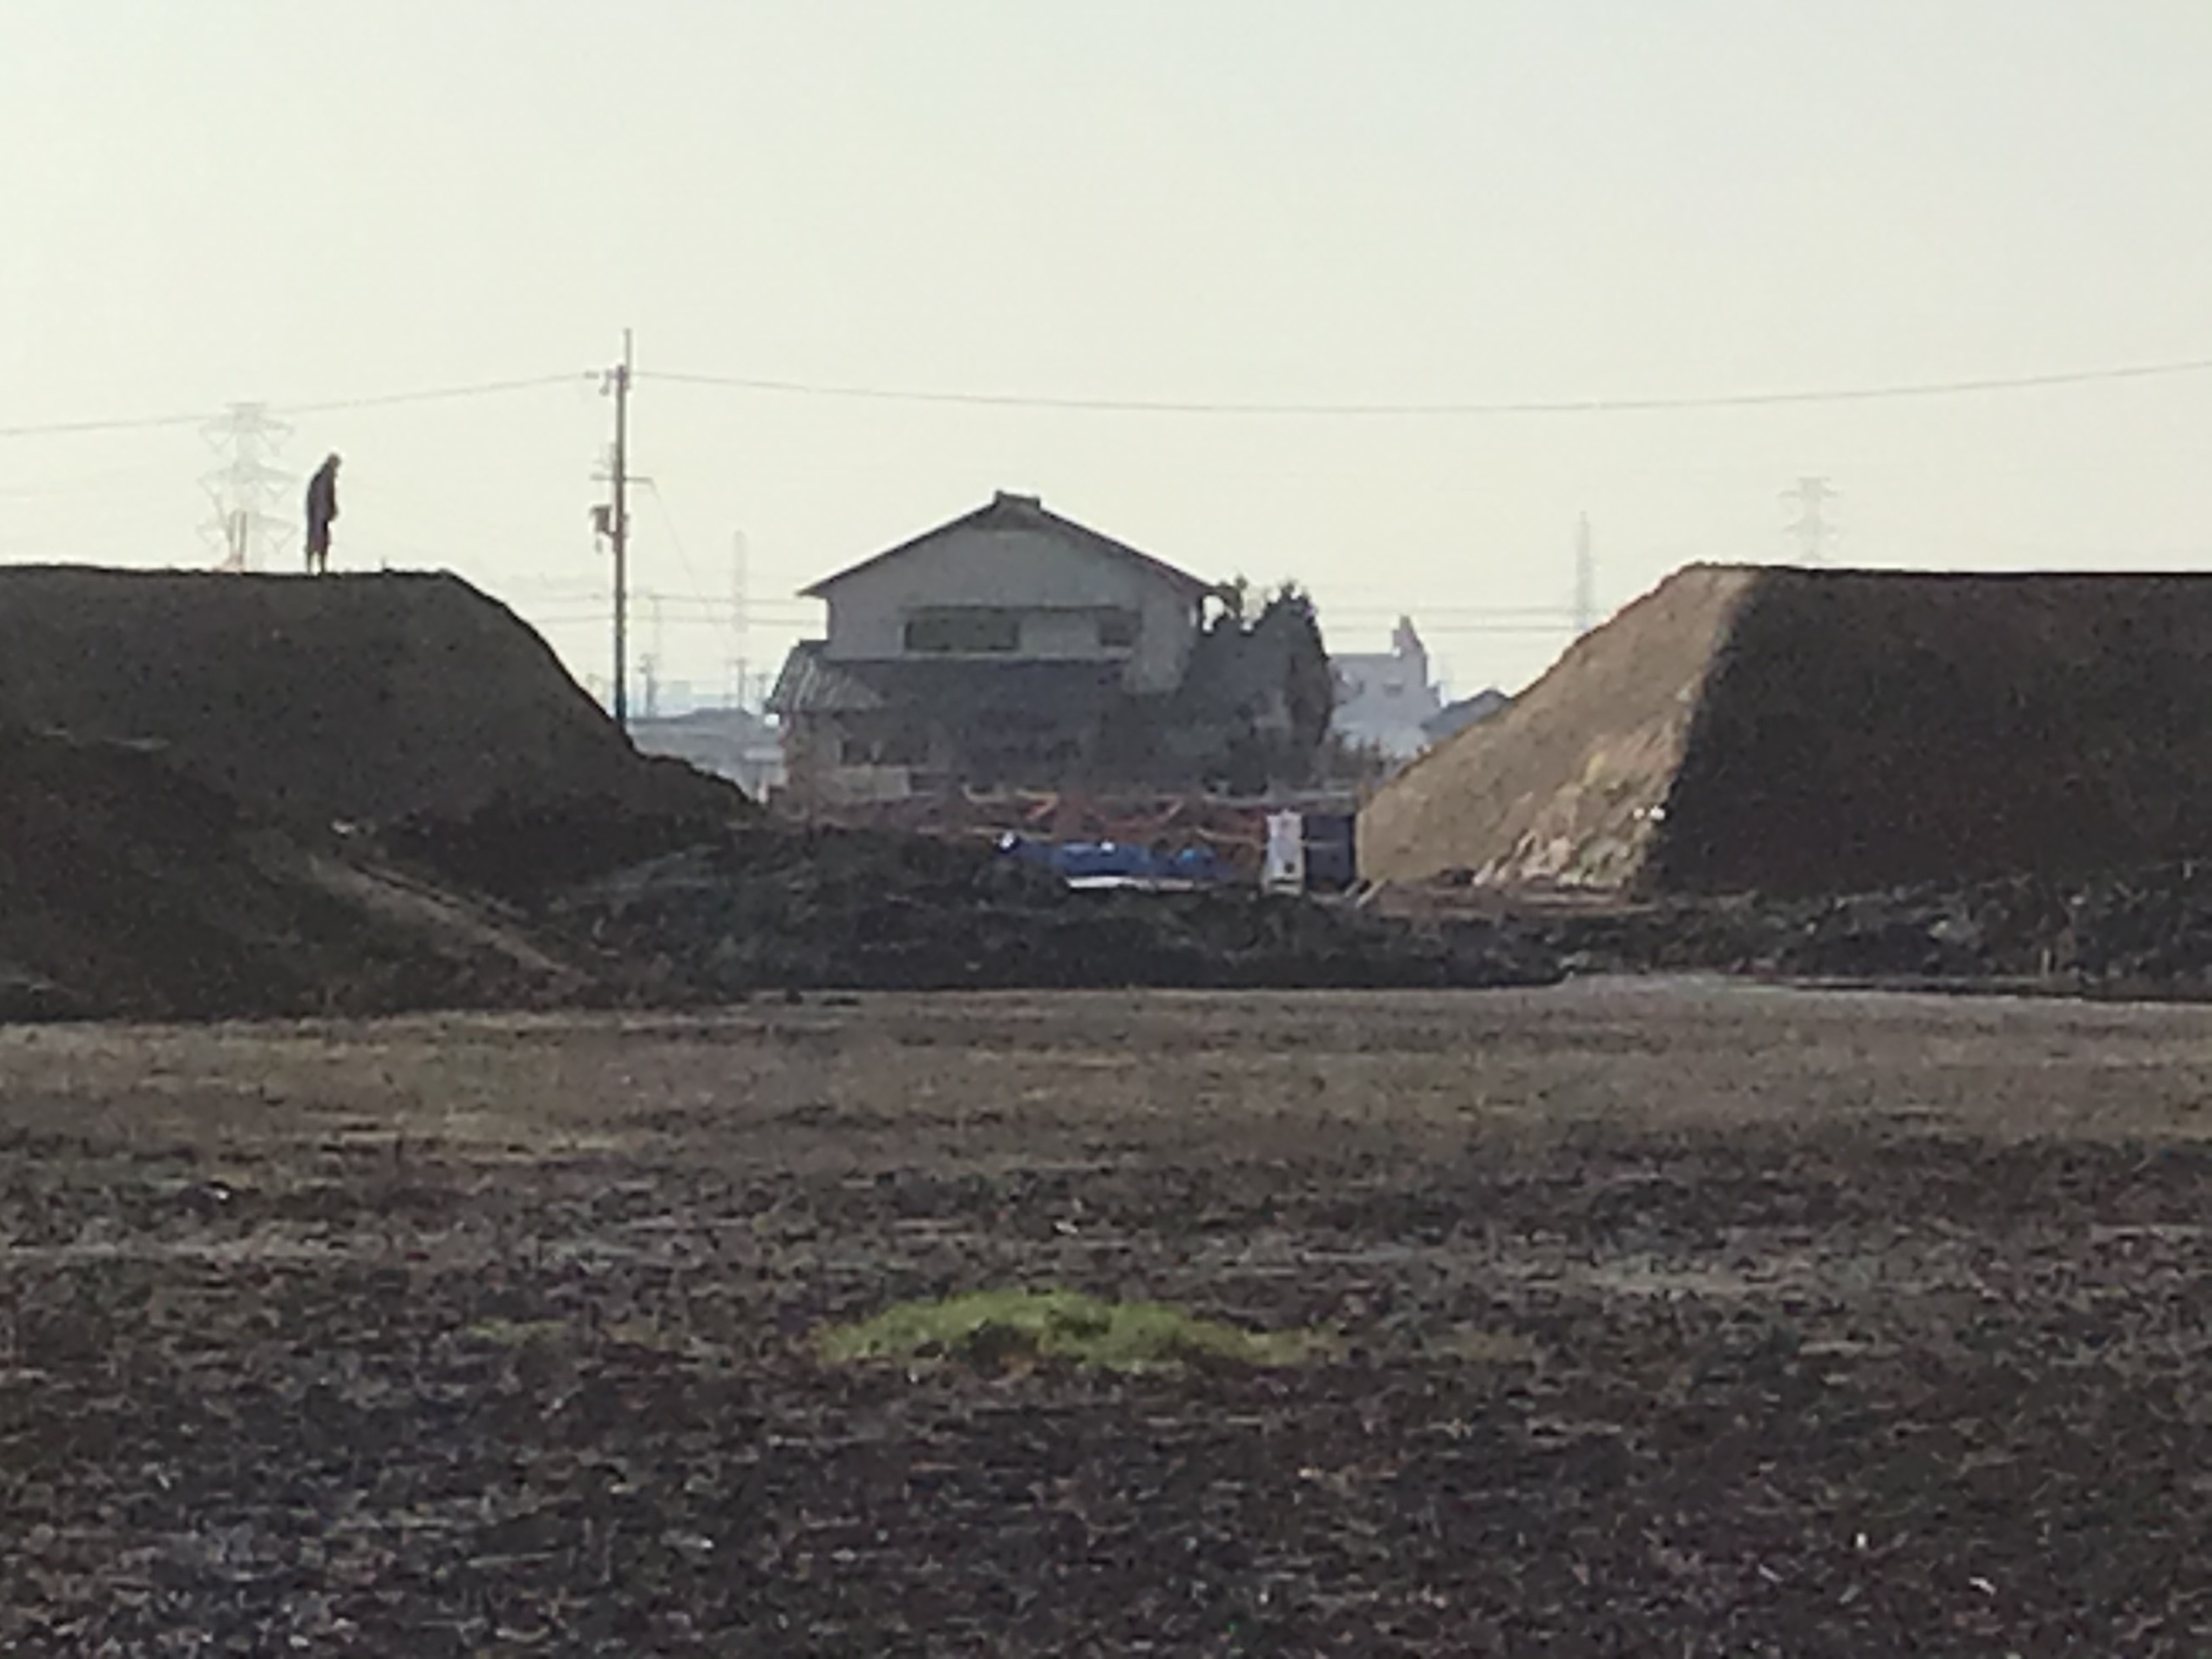 堤体の大きさが解りますか?写真左の堤体に人が立ってます。池の底から民家が見えます。工事完成後は、この風景は二度と見れないですね。